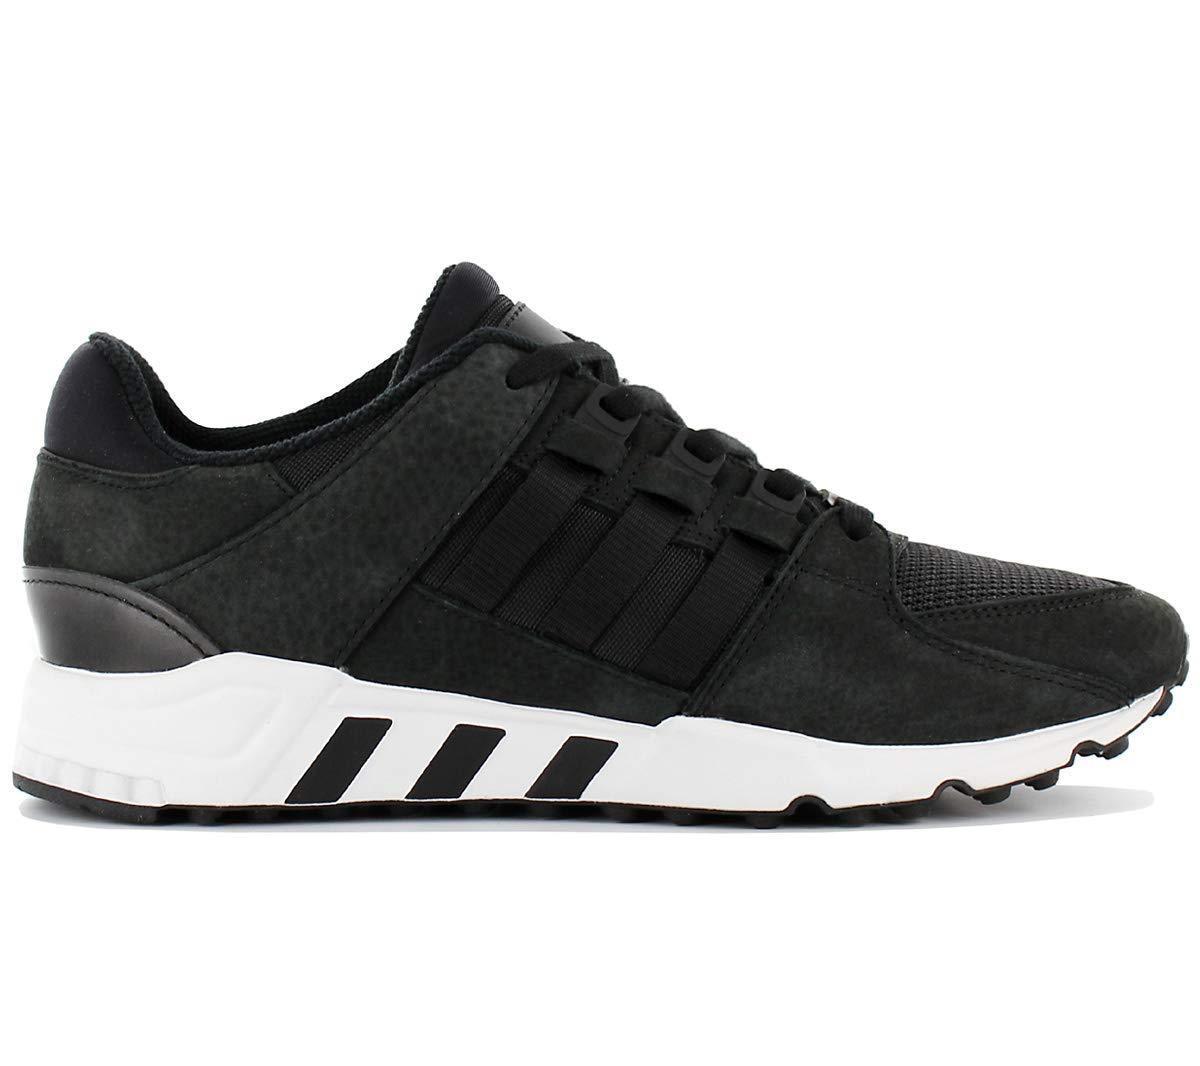 Adidas core Rf 7 Originals Eqt footwear Black White Black Core Equipment Support rwAr4qxWg1